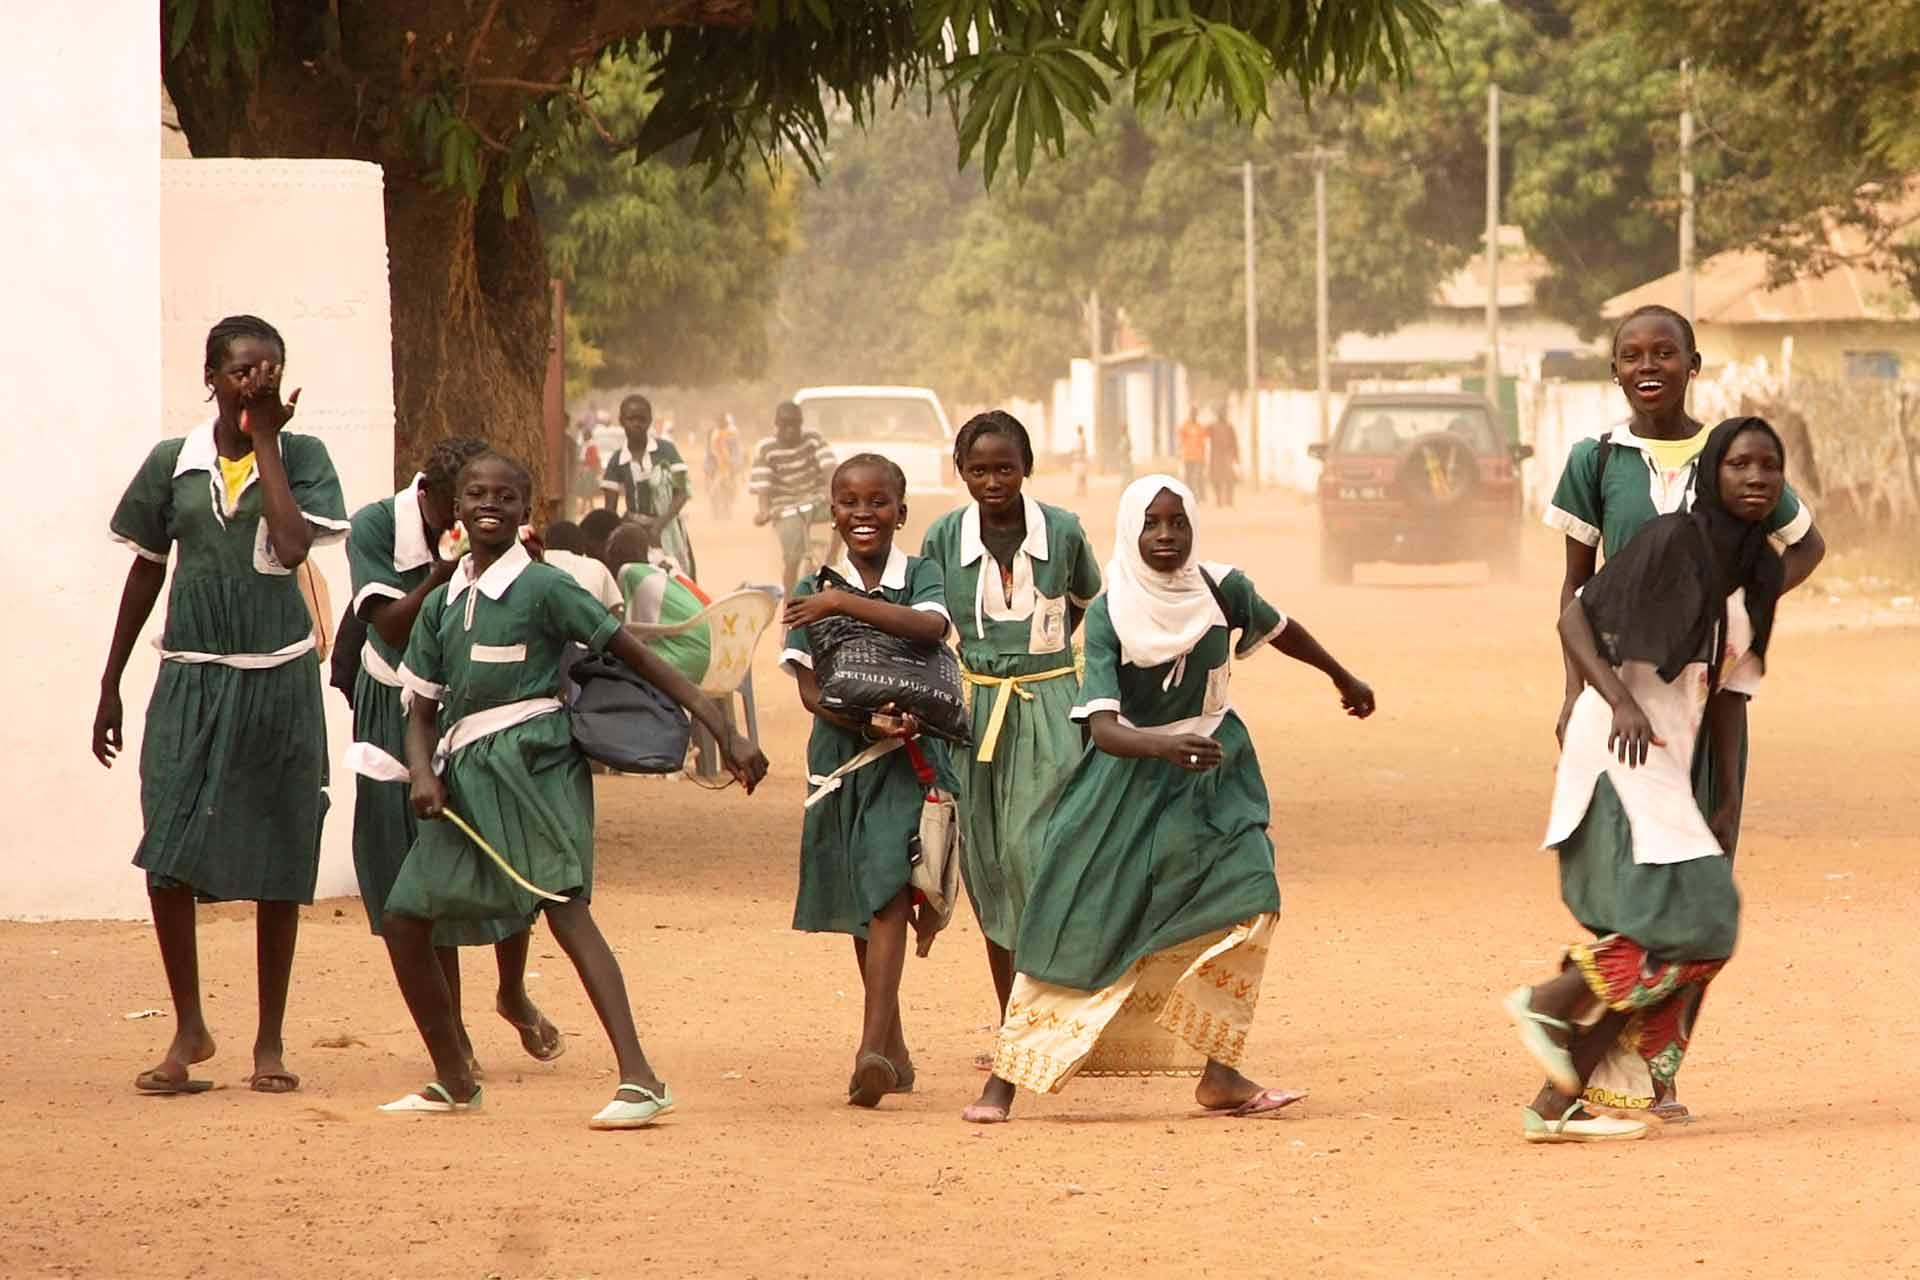 Aktivitäten in gambischen Schulen und Fischerdörfern